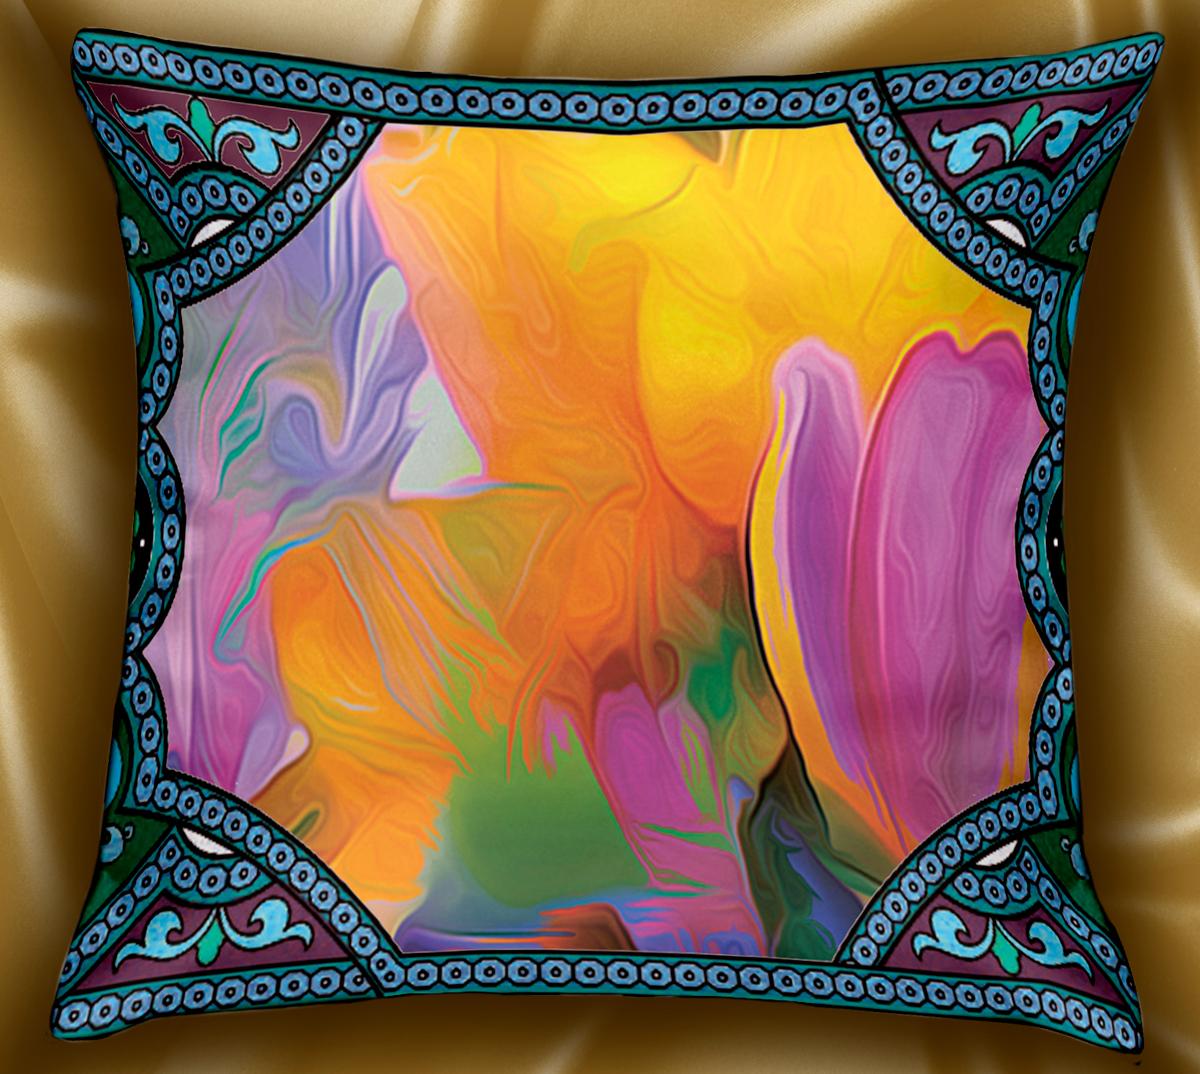 Подушка декоративная МарТекс Фэнтези, цвет: фиолетовый, 45 х 45 см. 16-1235-116-1235-1Декоративная подушка, рисунок выполнен методом фотопечати. Наполнение полое силиконизированное волокно Hollow Fiber.